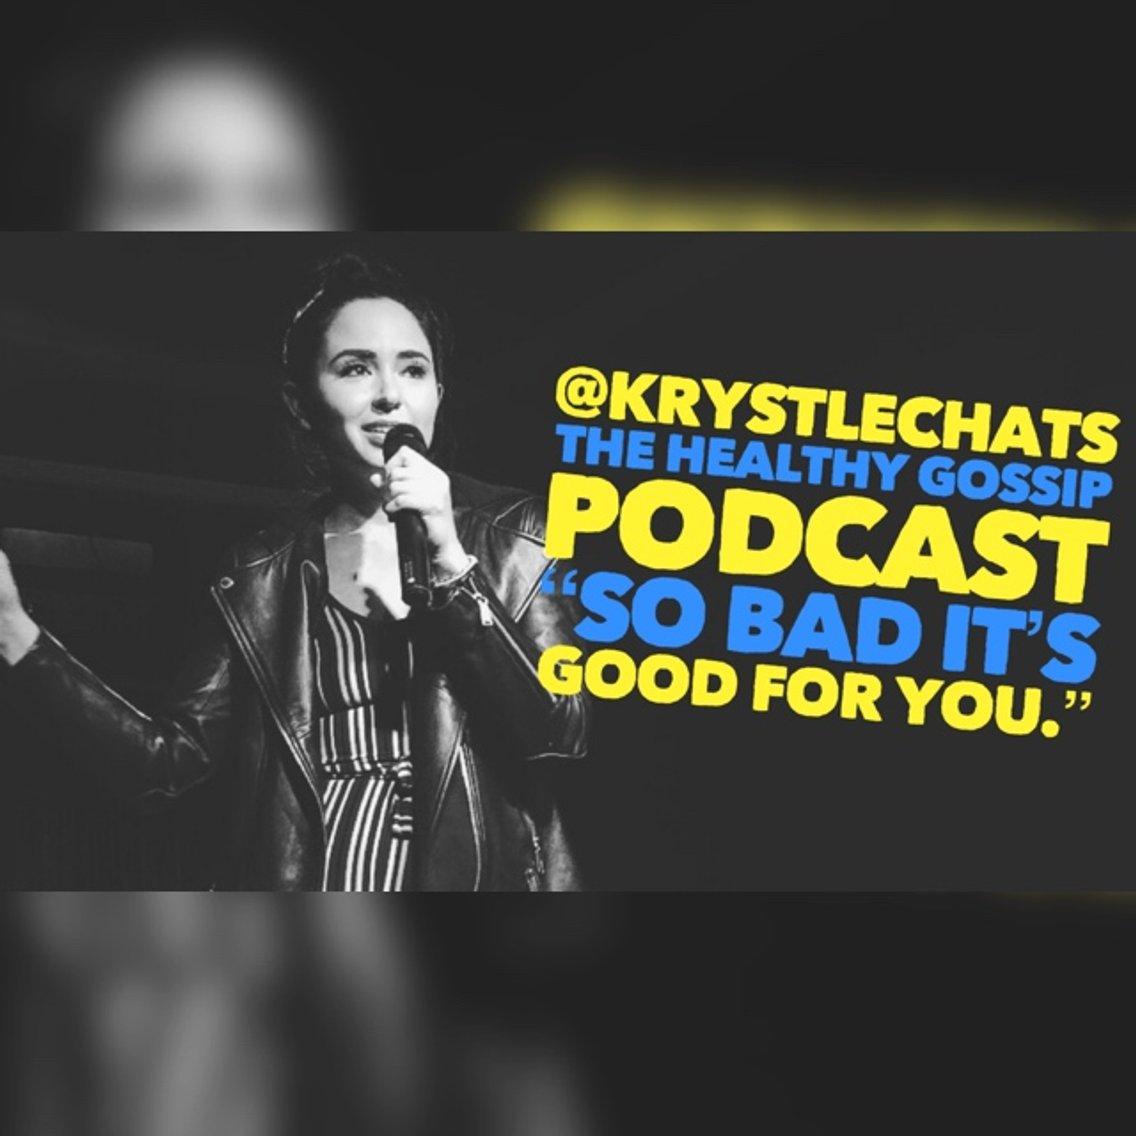 The Healthy Gossip with Krystle Chats - imagen de portada